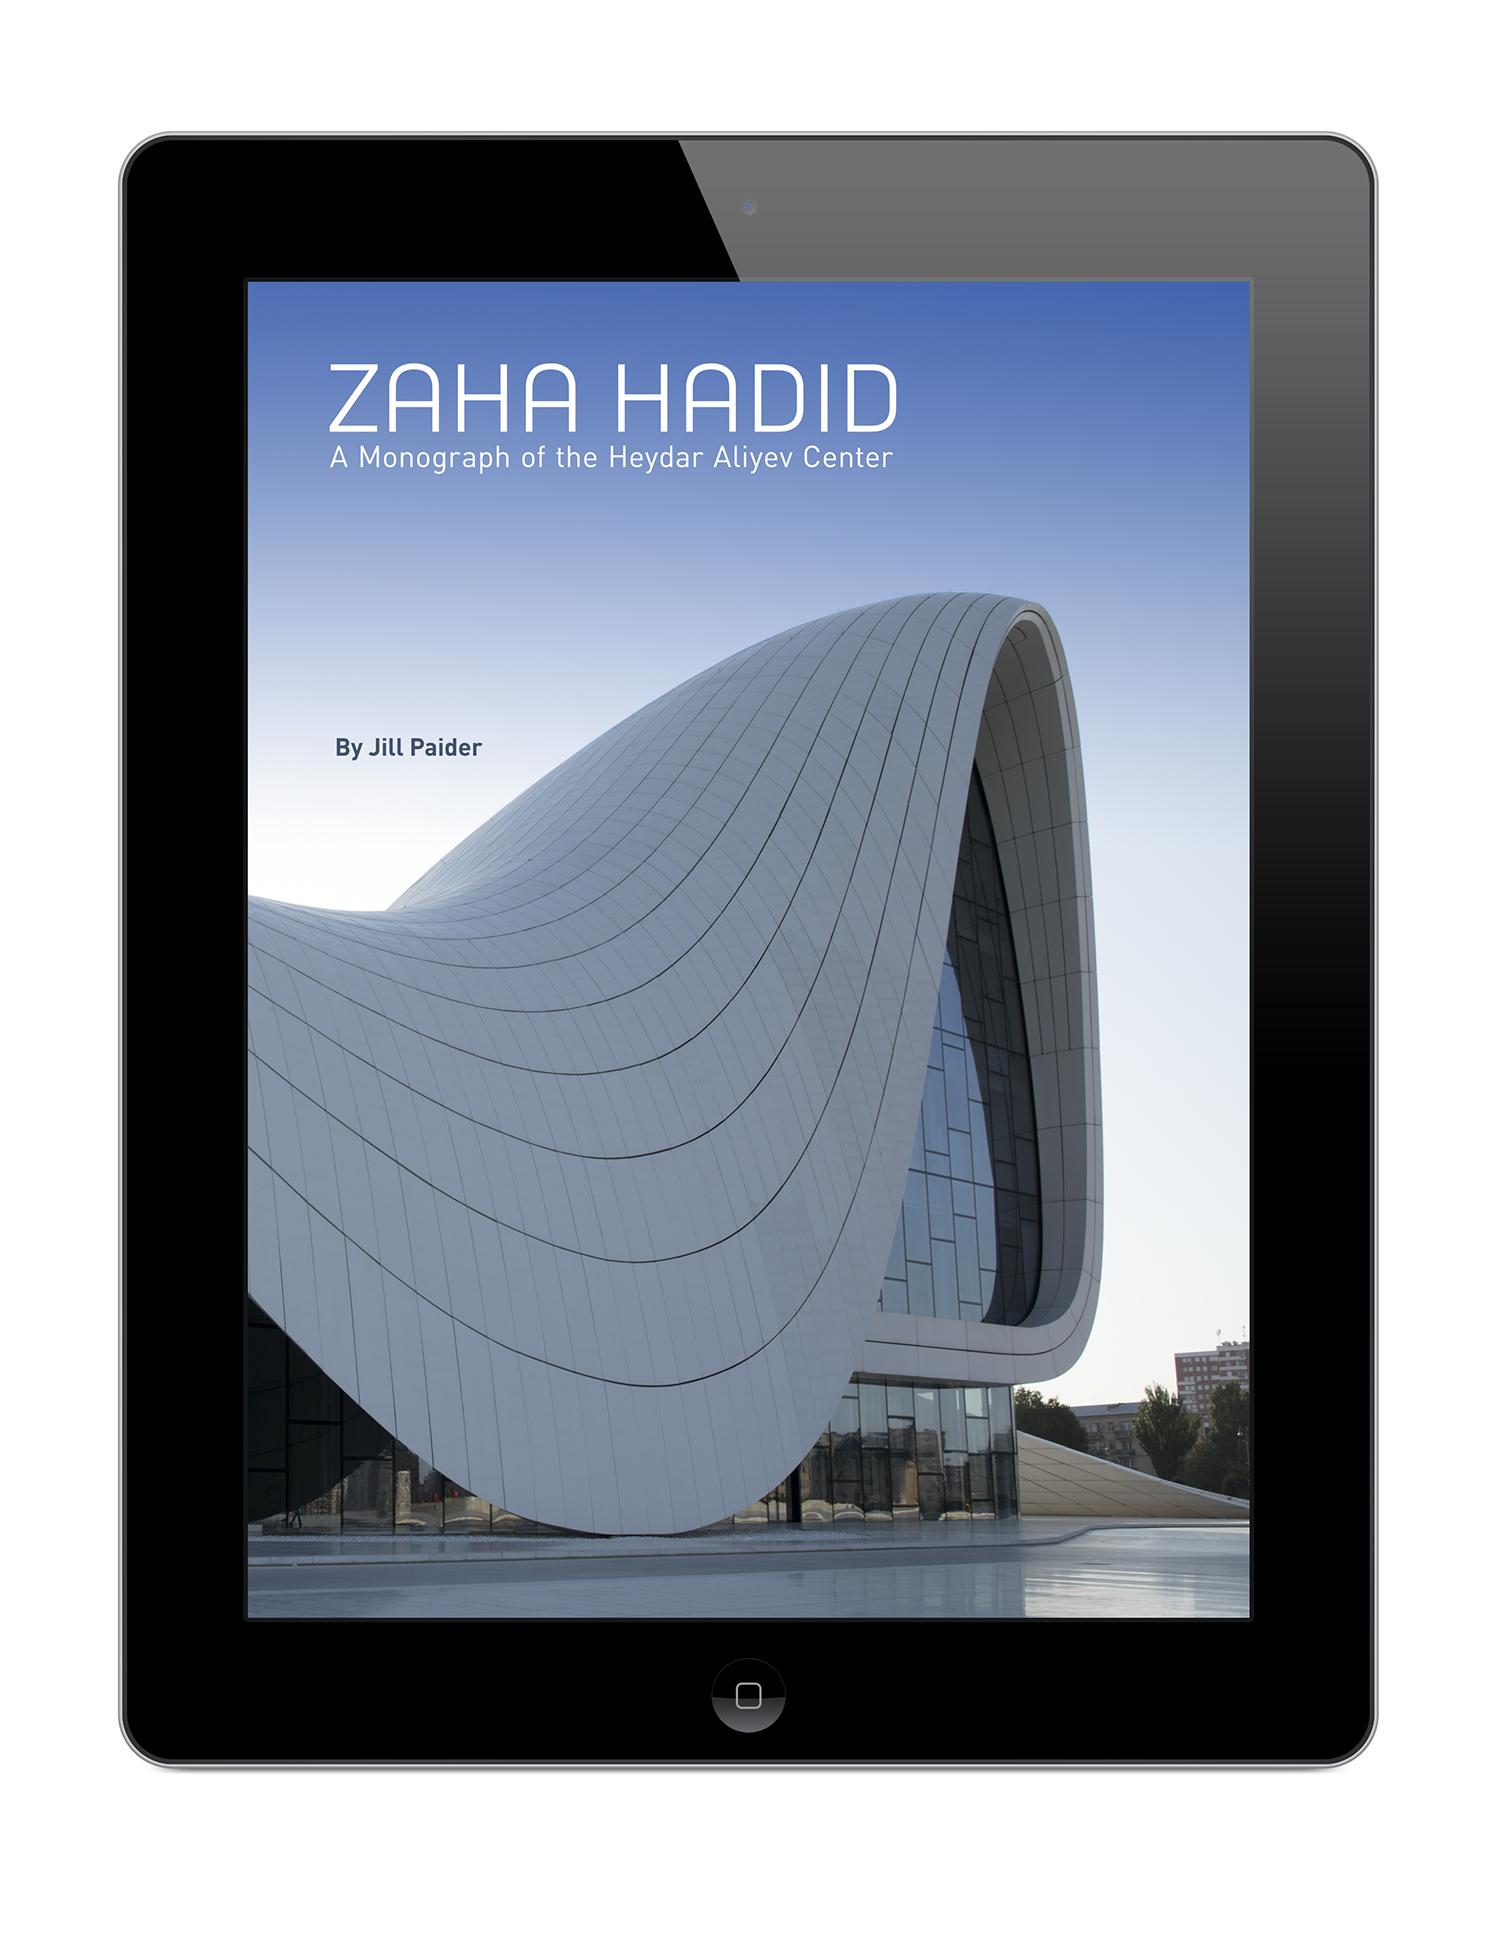 ZAHA HADID - COMING SOON!